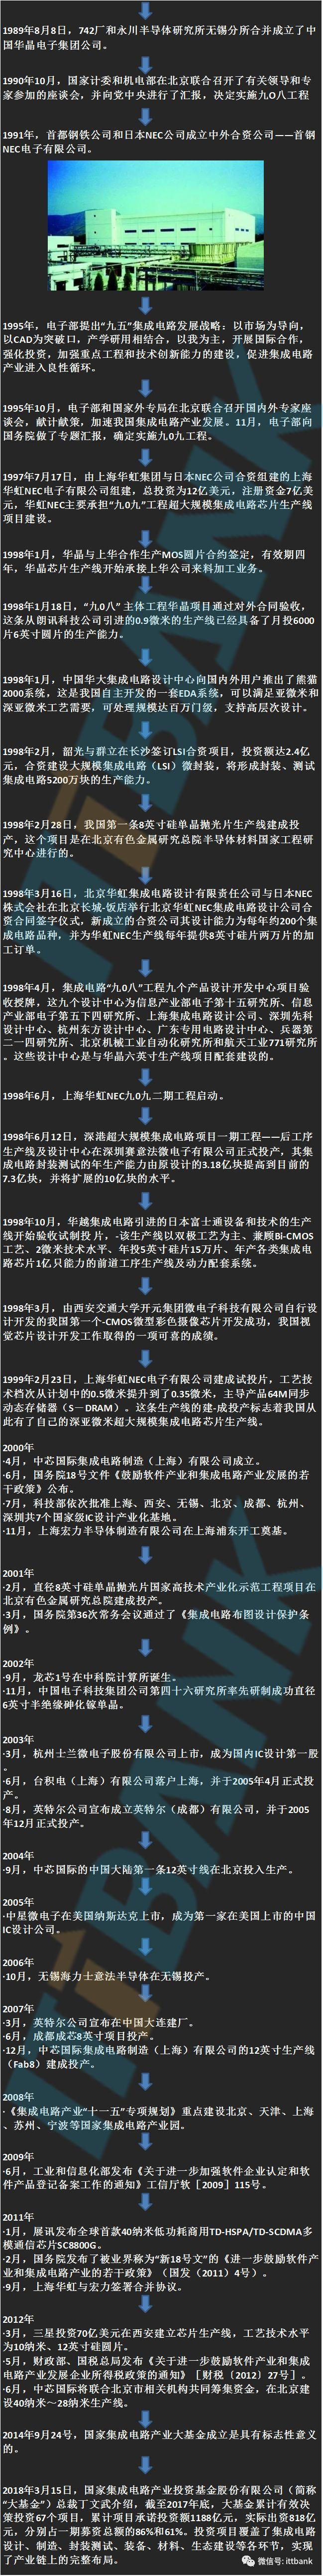 美高梅注册 7